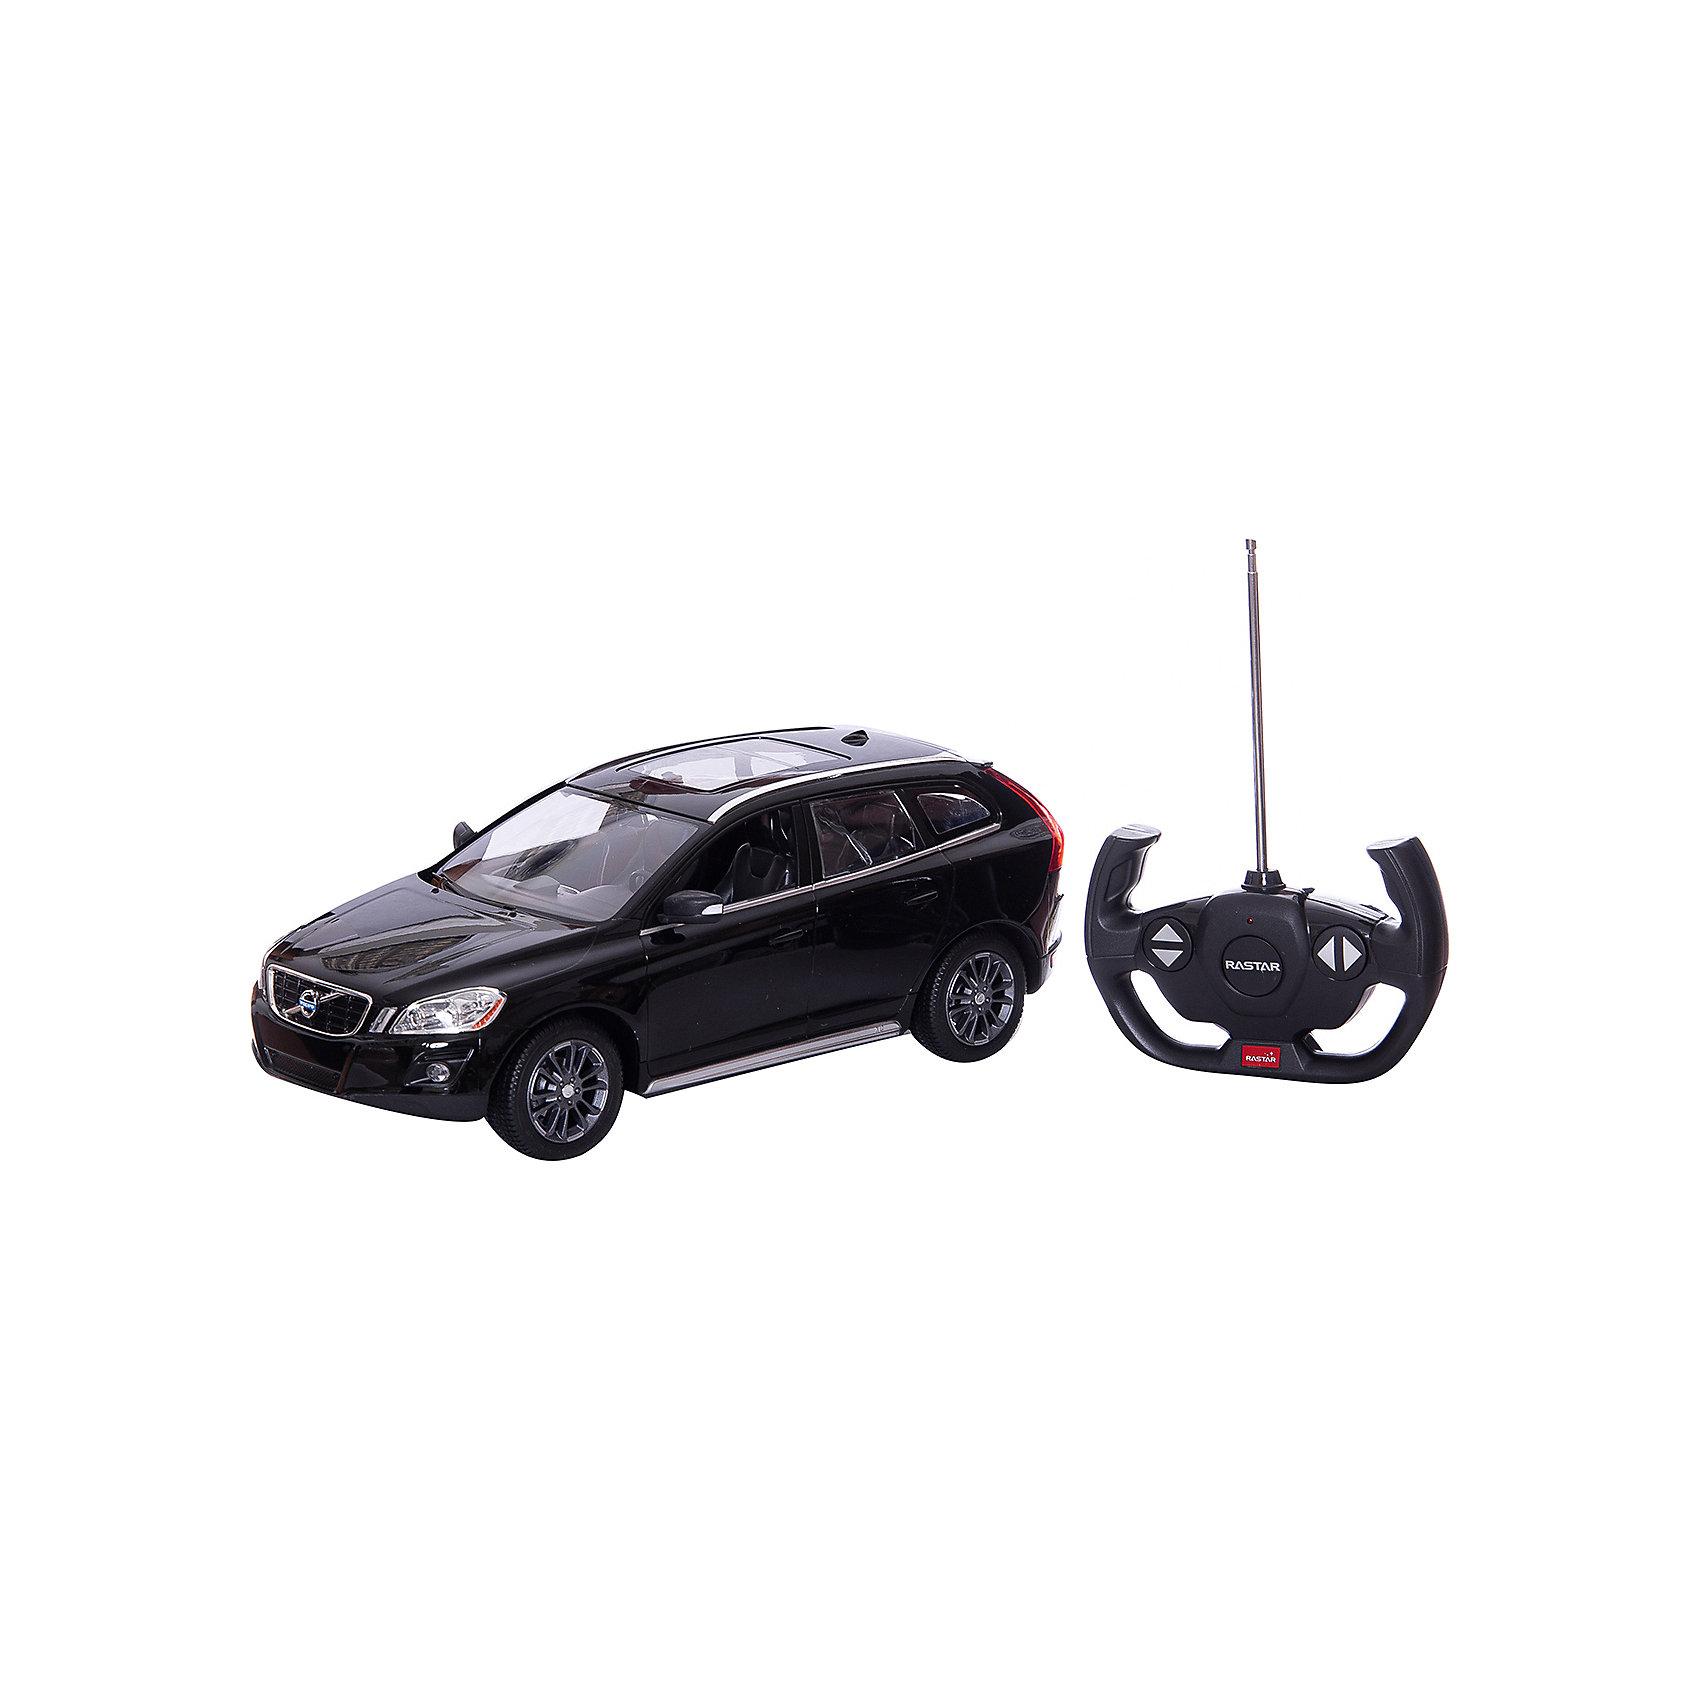 - RASTAR Радиоуправляемая машина Volvo XC60 1:14, черная nikko машина радиоуправляемая bumblebee streetcar